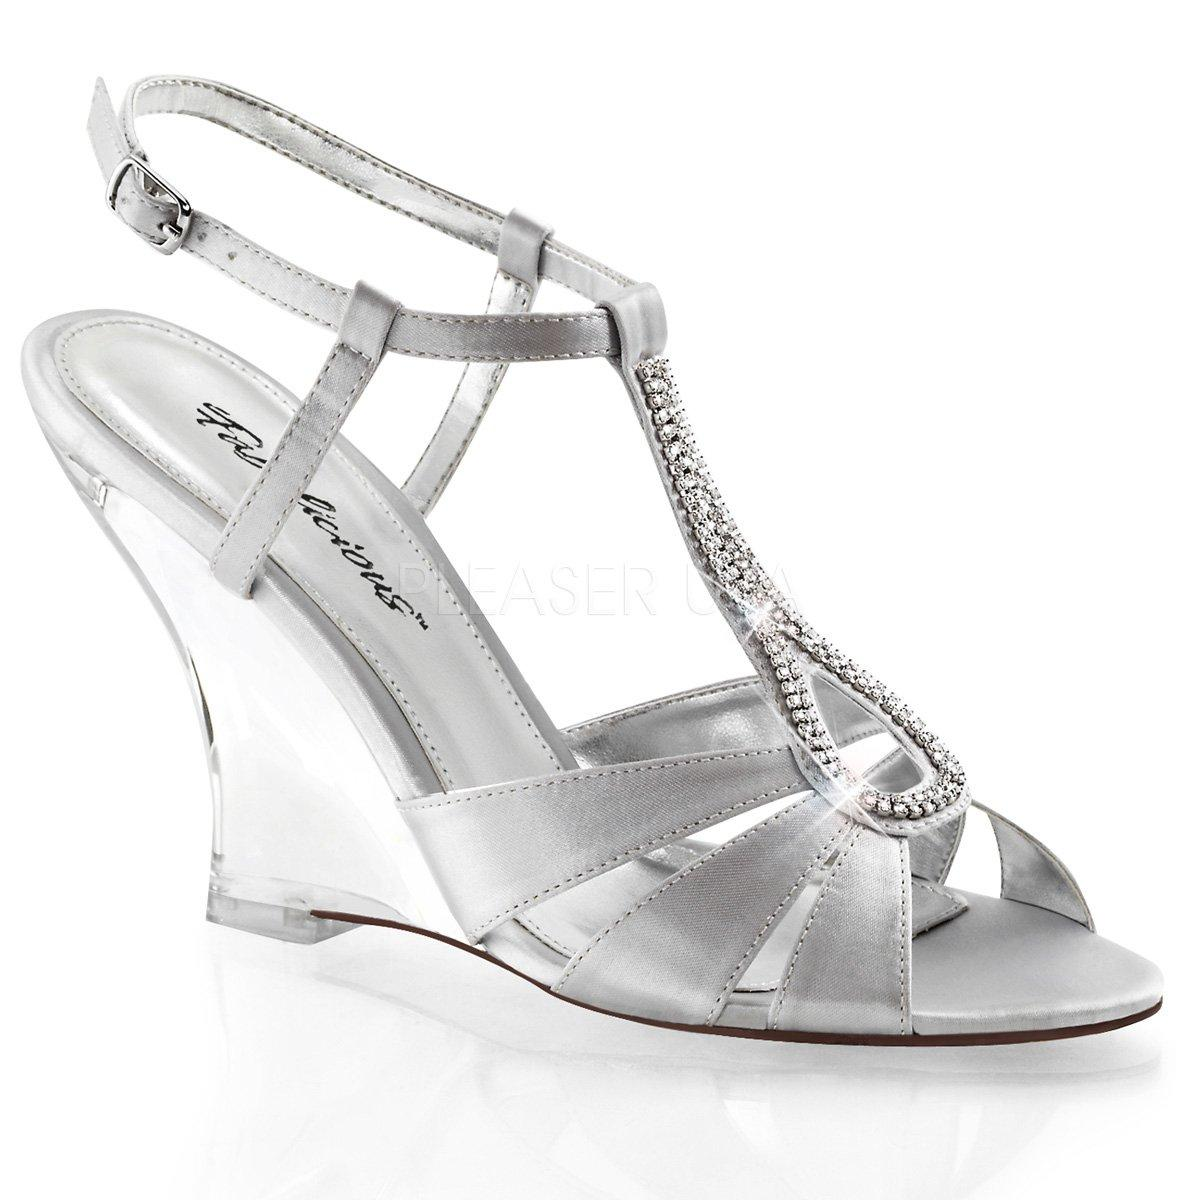 4e645ac18b LOVELY-420 Dámské stříbrné společenské sandálky na klínku zdobené  štrasovými kamínky